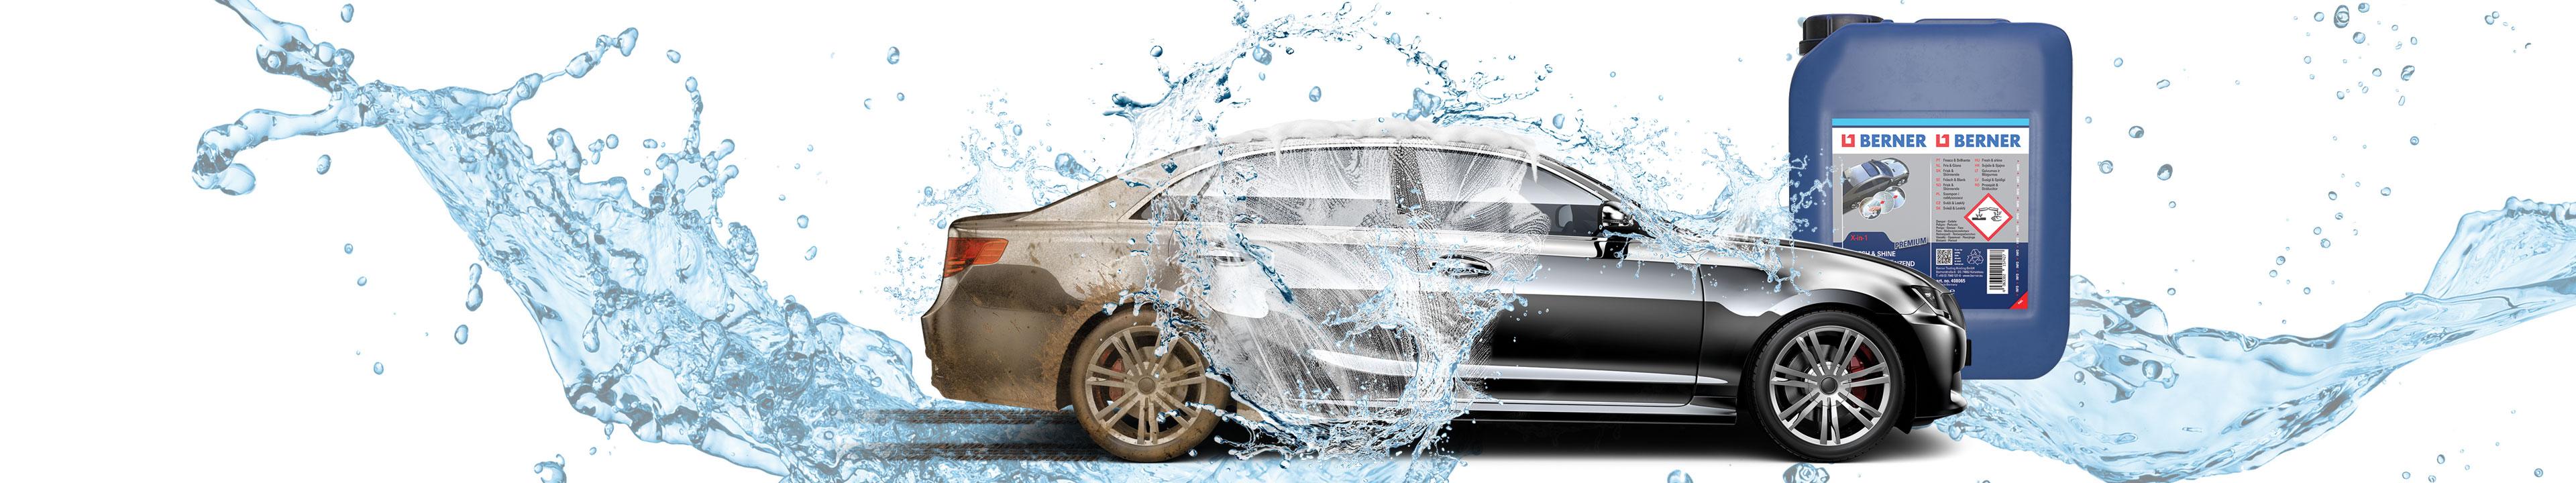 1.AUTOMOTIVE-Baner_główny-3840x720px.jpg